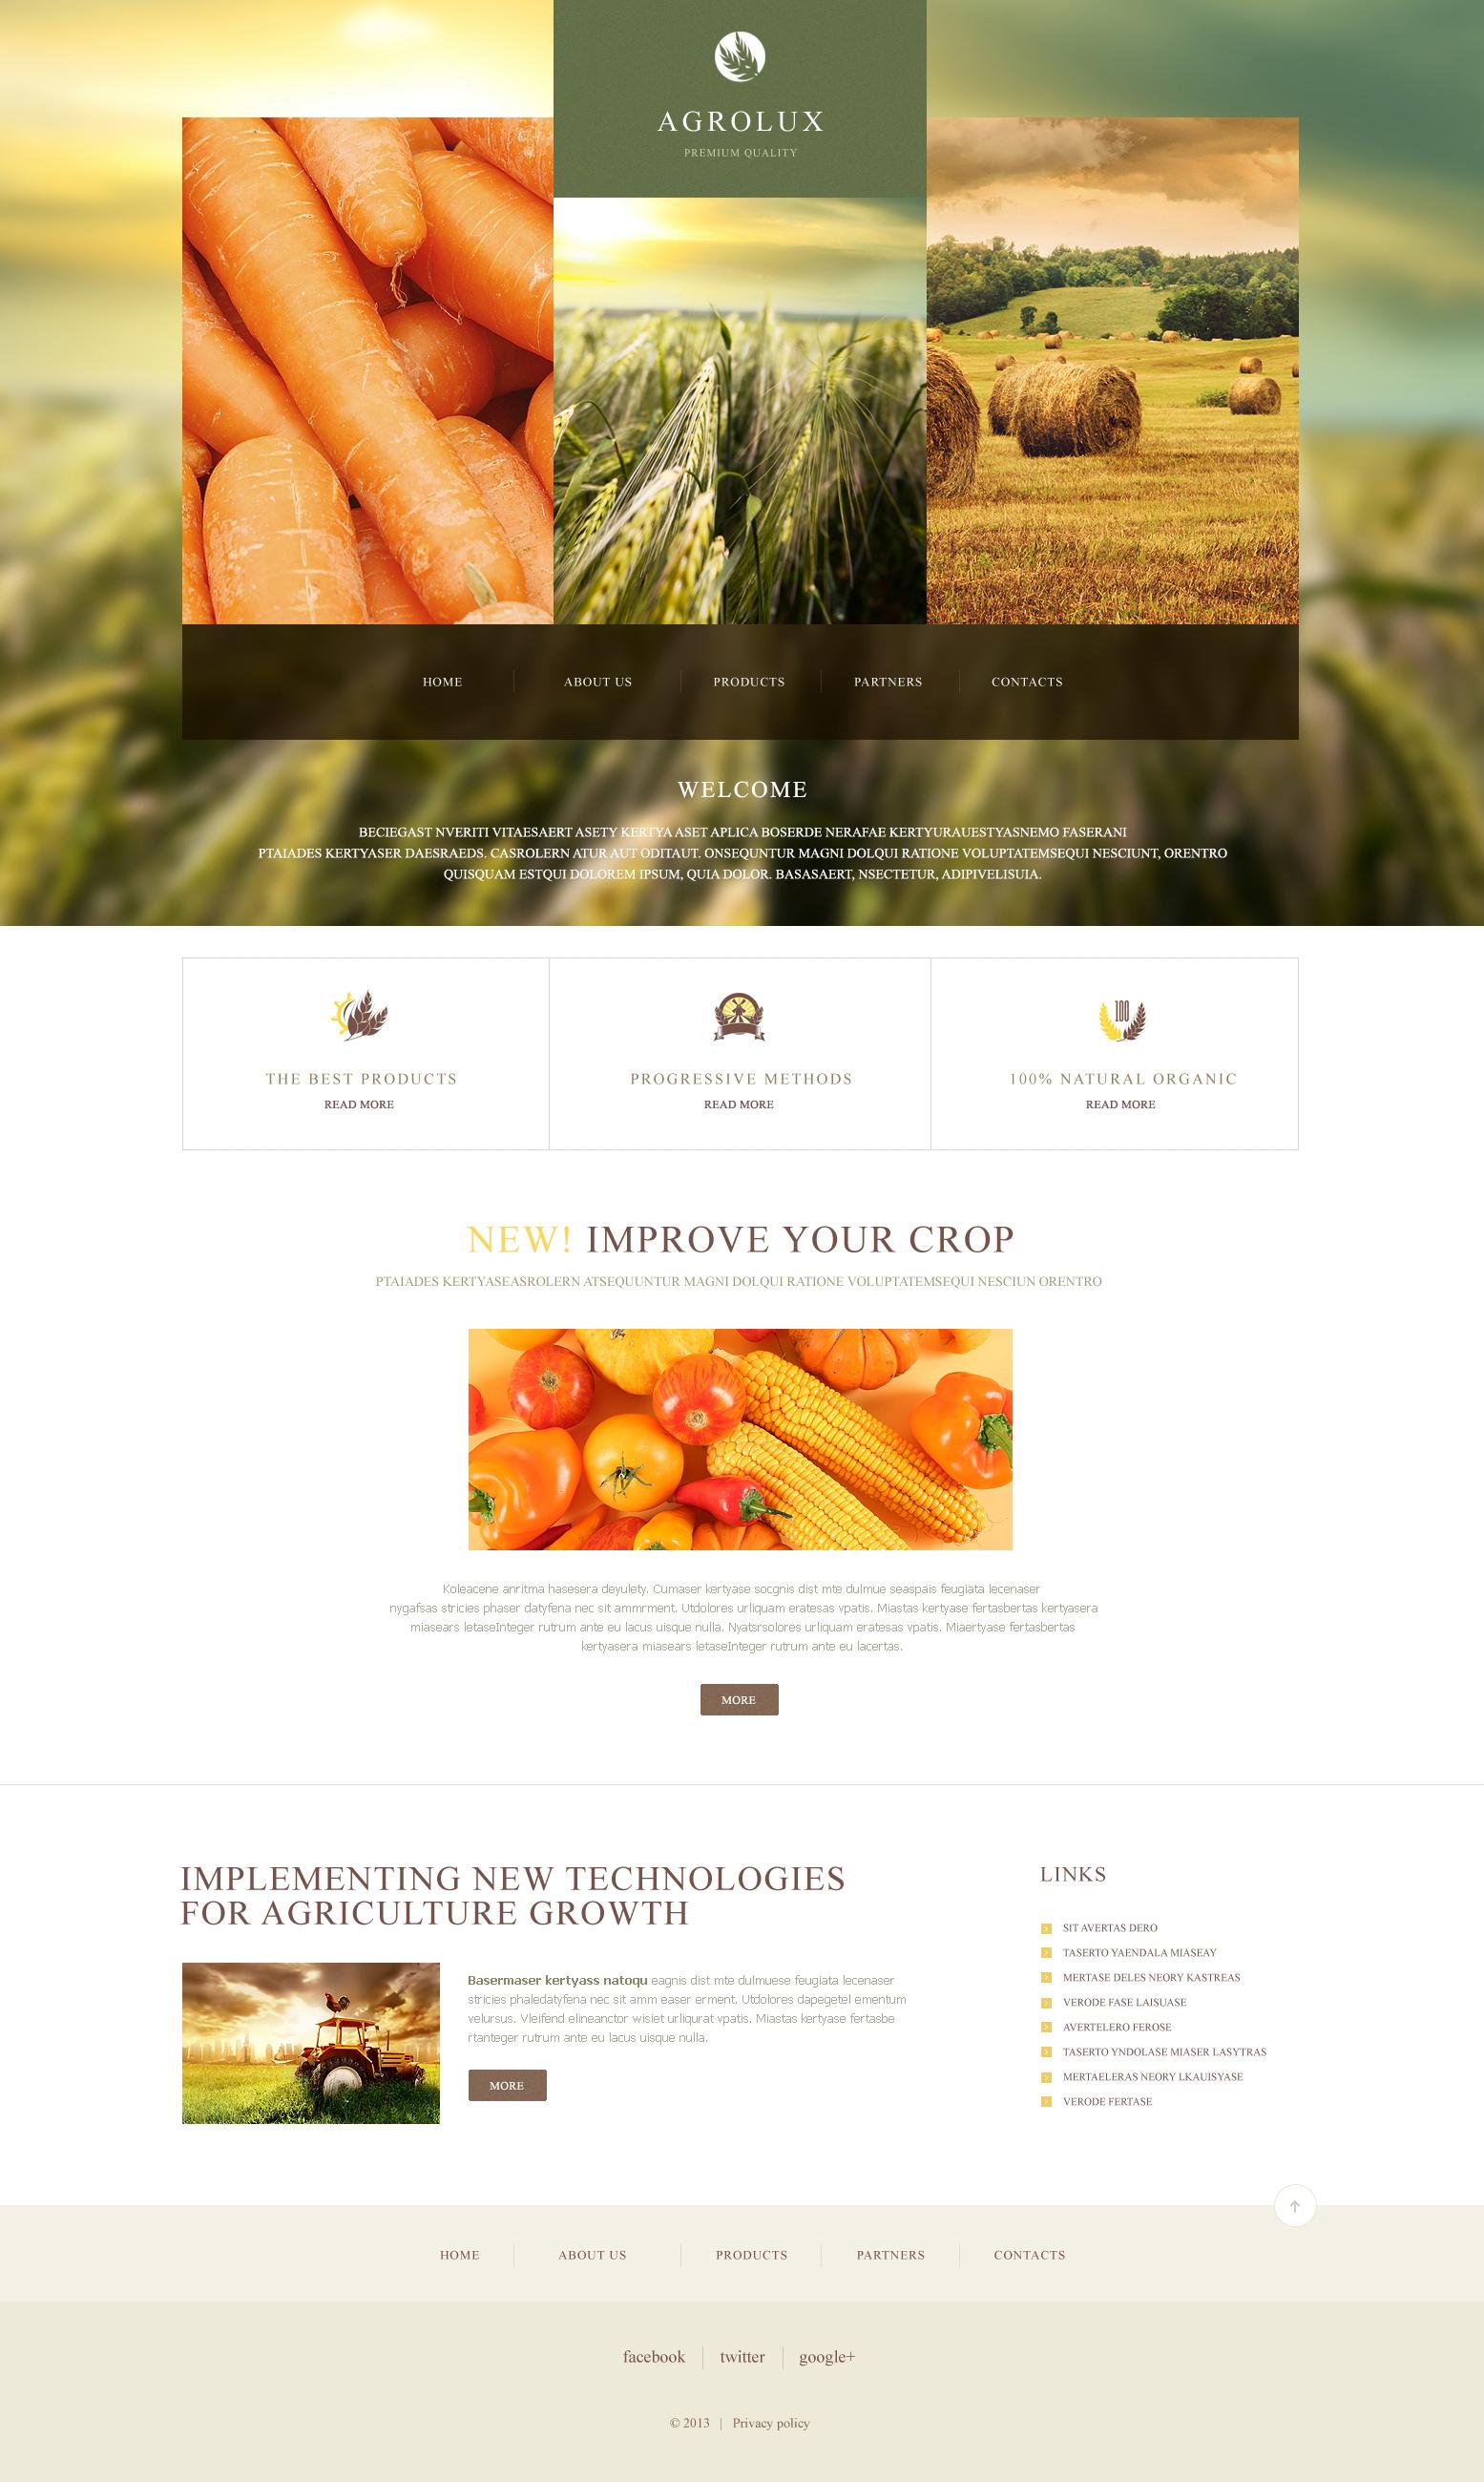 Modèle Web adaptatif pour site agricole #47428 - screenshot